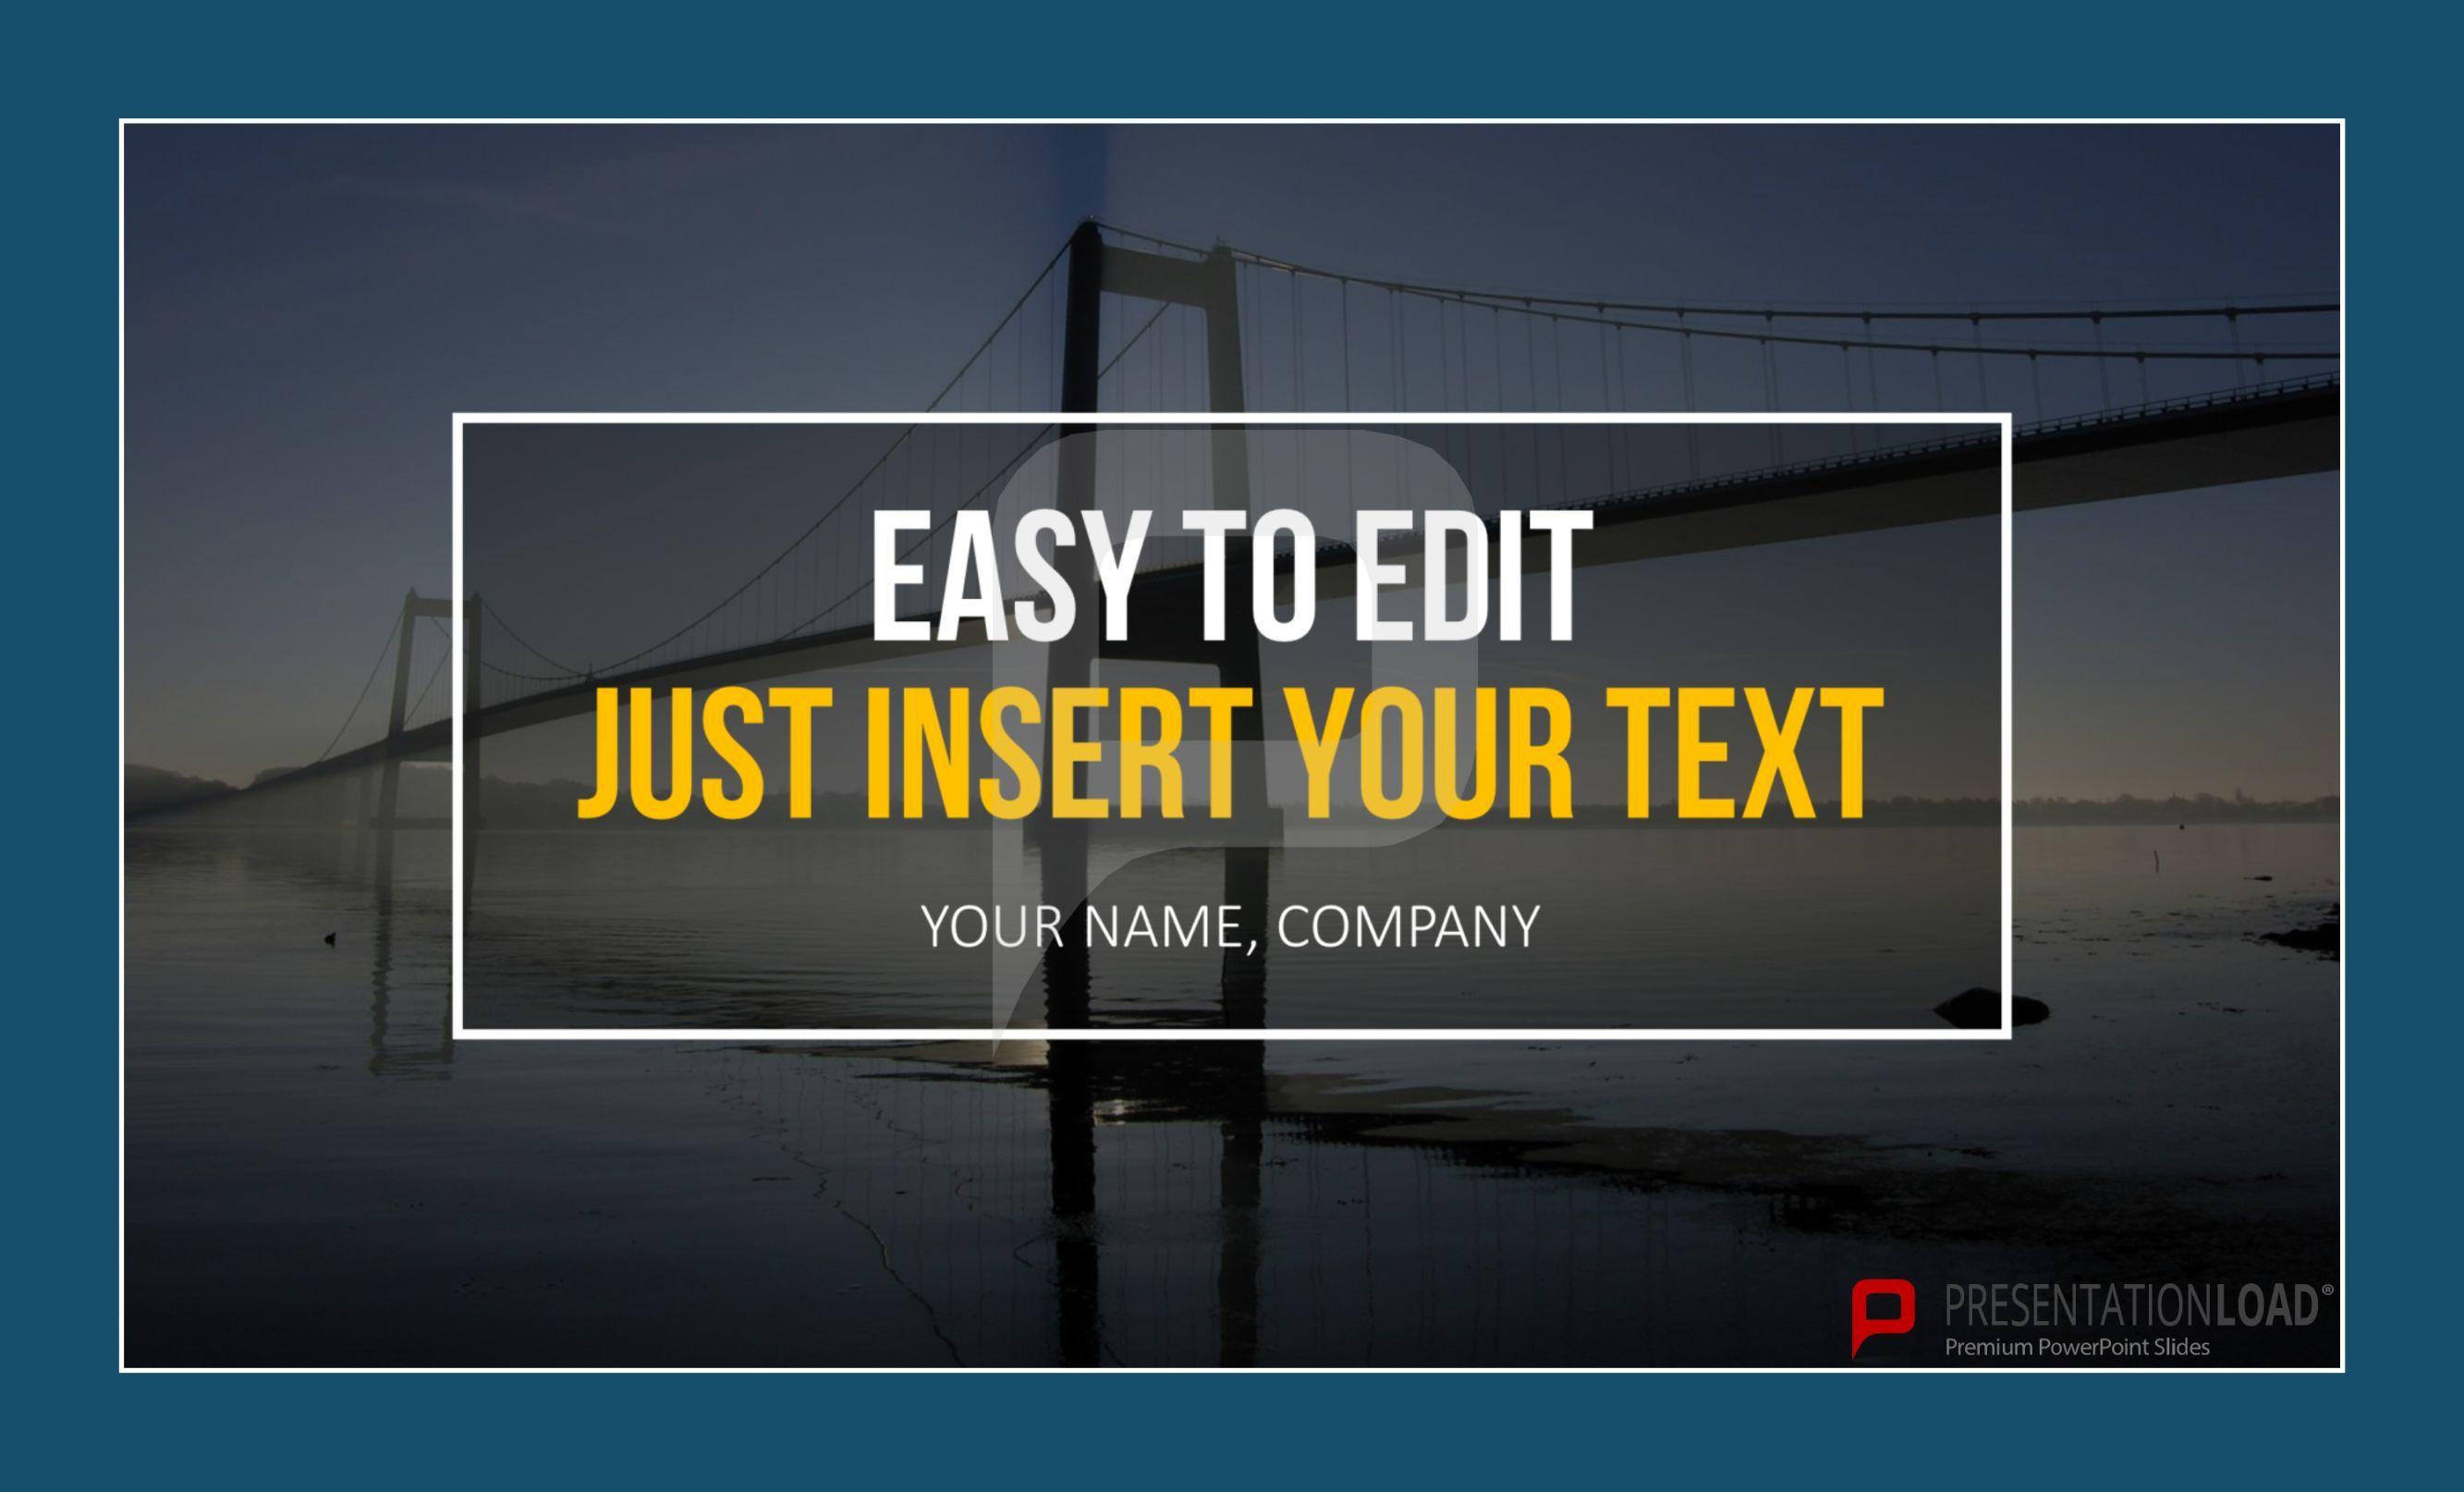 Titelfolien sind bestens geeignet um eine Präsentation zu starten. Sie können hier einfach ihr eigenes Bild sowie Ihren persönlichen Text einfügen und die Folien in Ihre Präsentation integrieren. http://www.presentationload.de/powerpoint-titelfolien.html